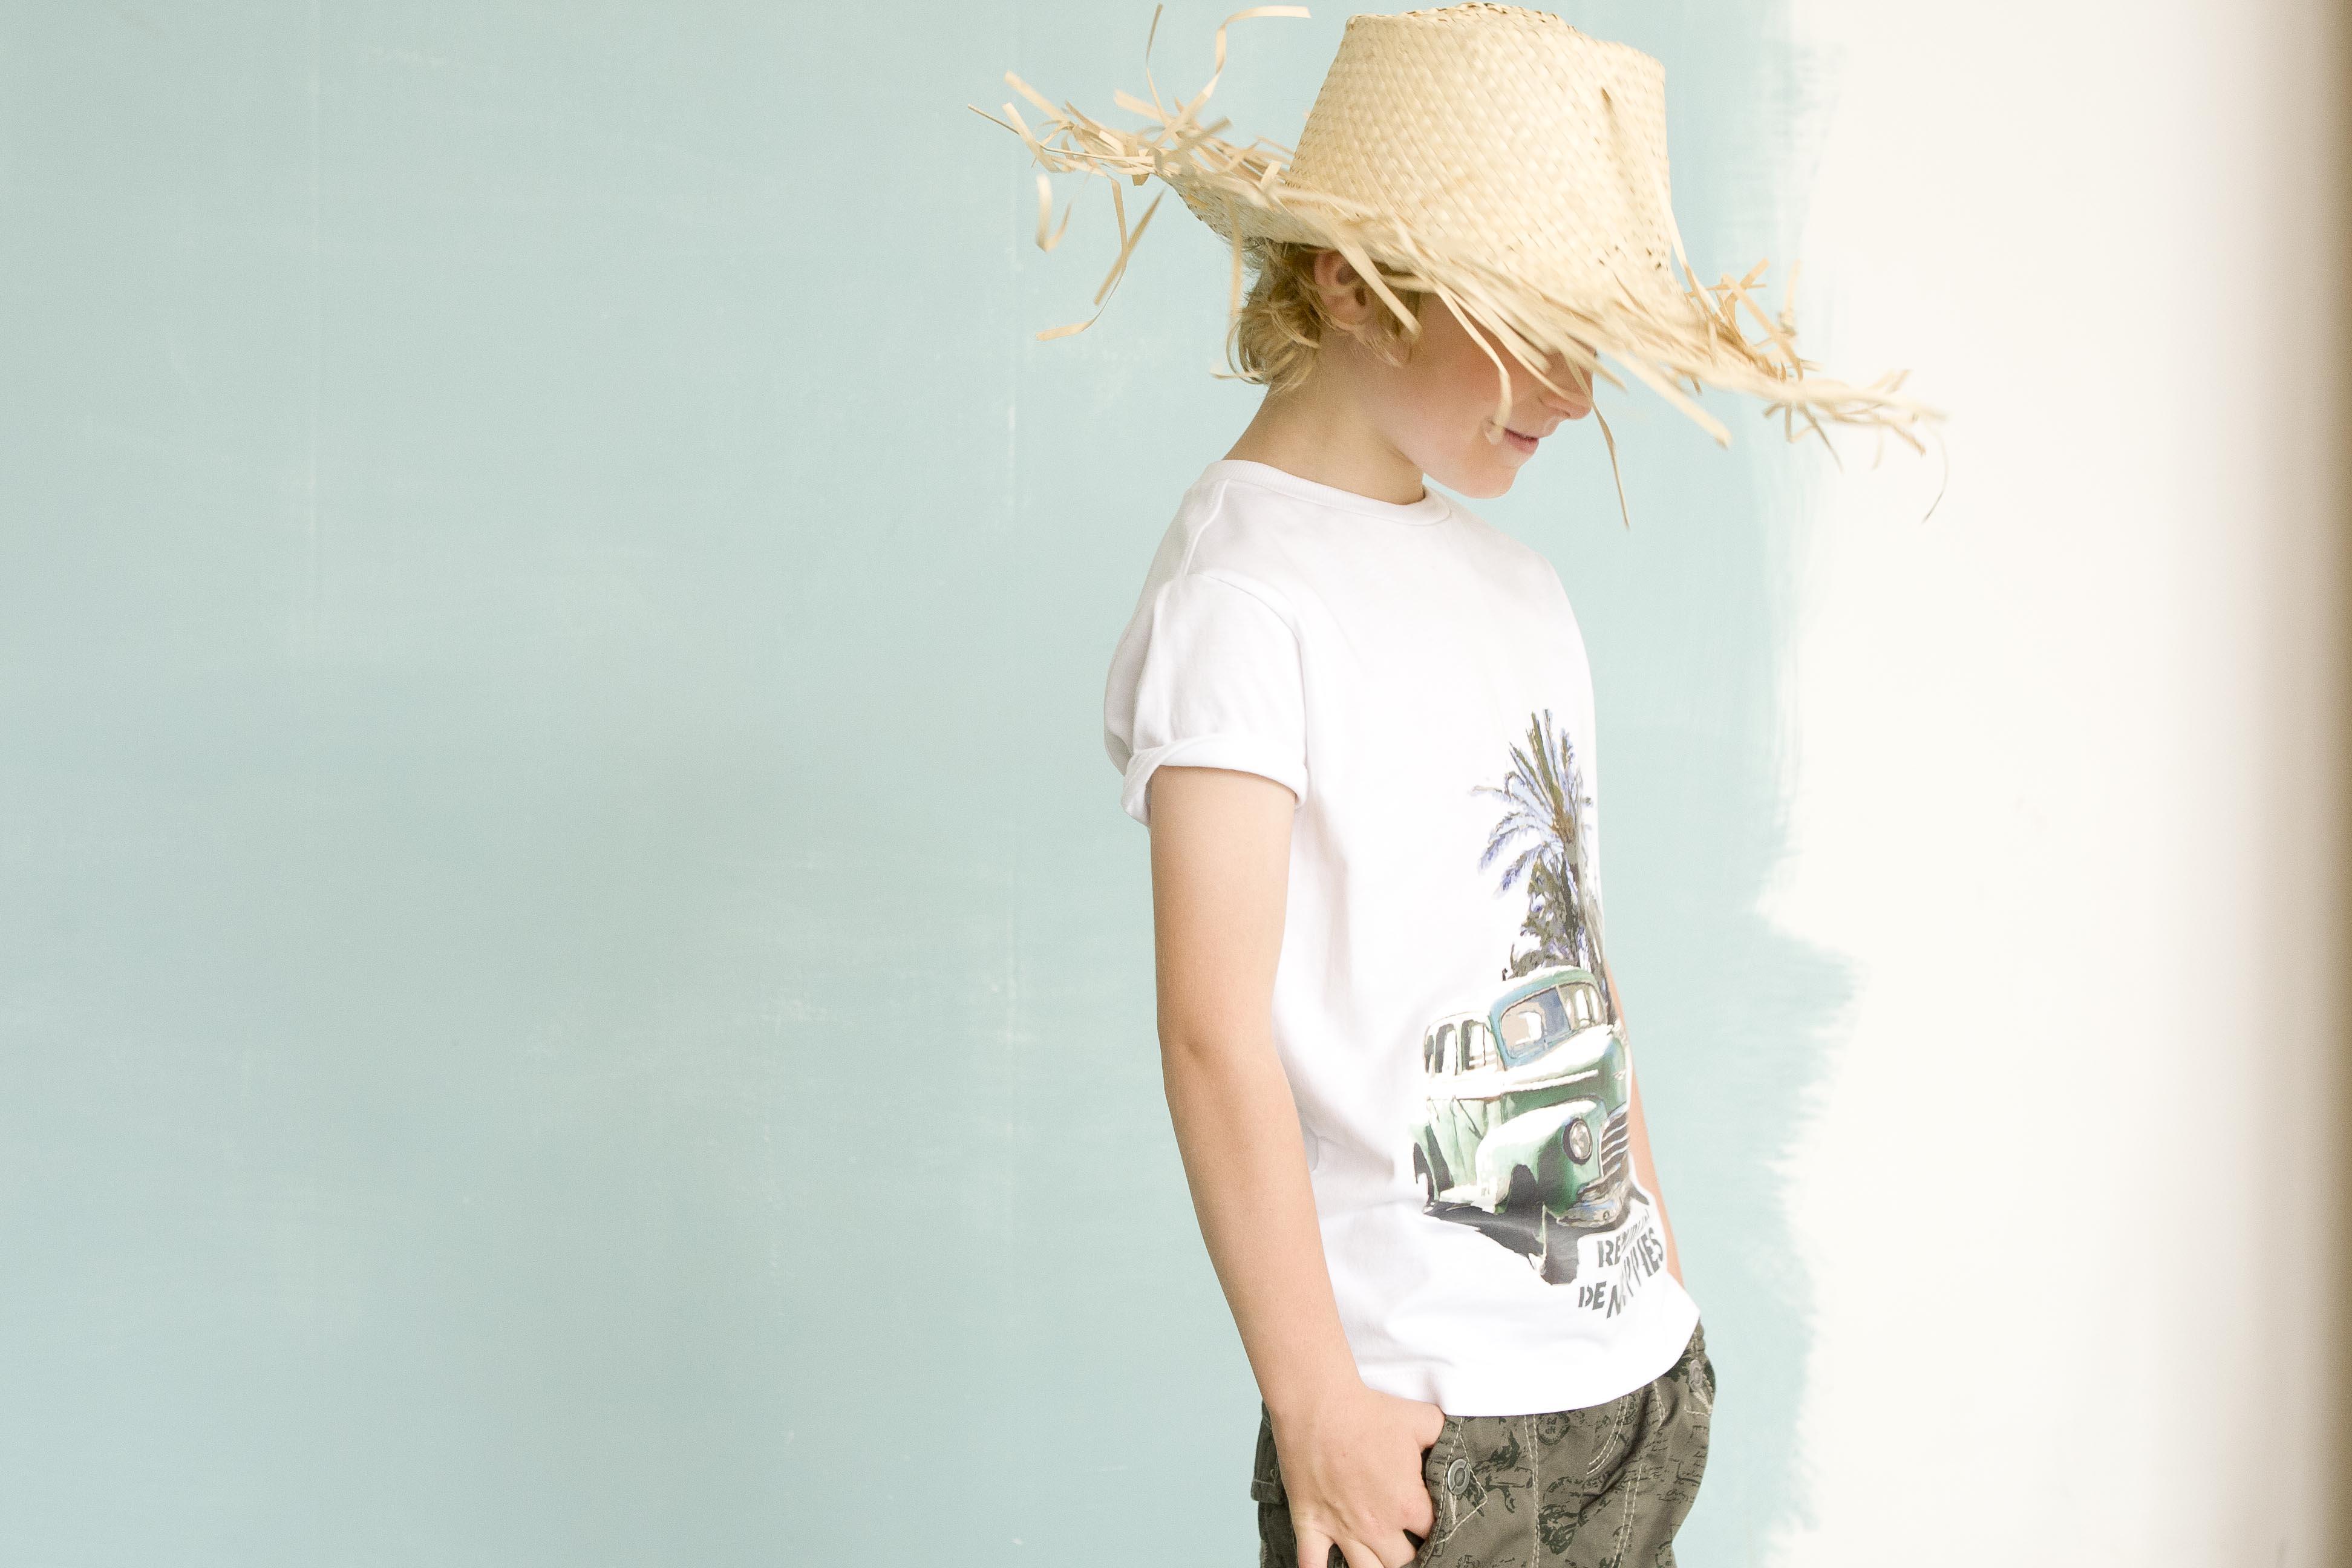 kids,+location+24-7studios.nl,+stylling+karin+van+der+knoop